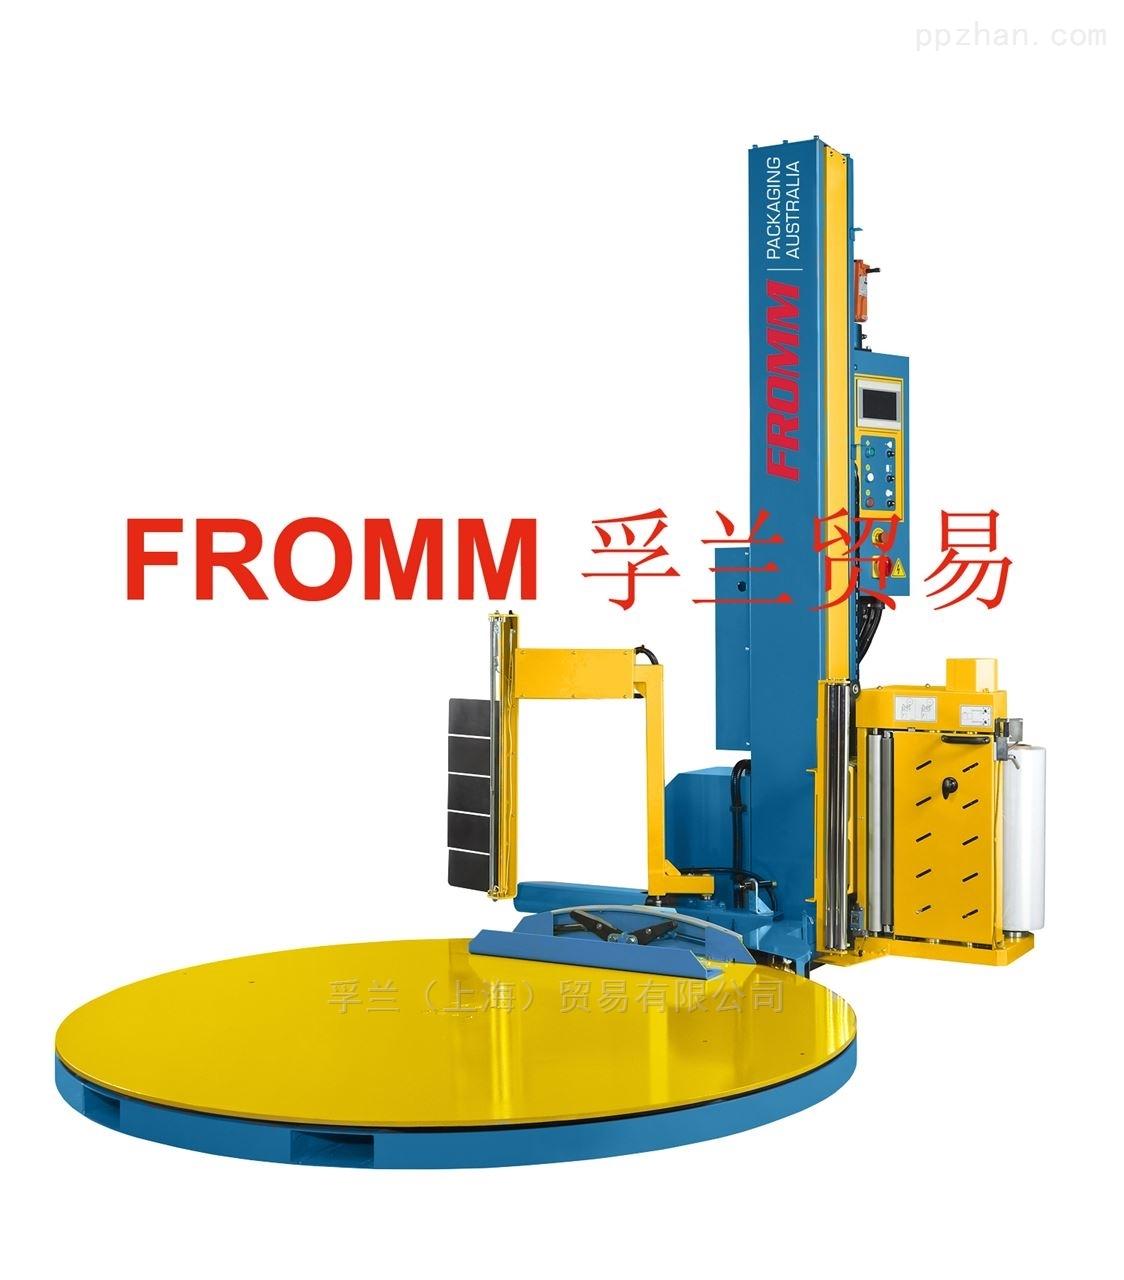 FSW-50全自动转盘式栈板裹膜机 FROMM 孚兰